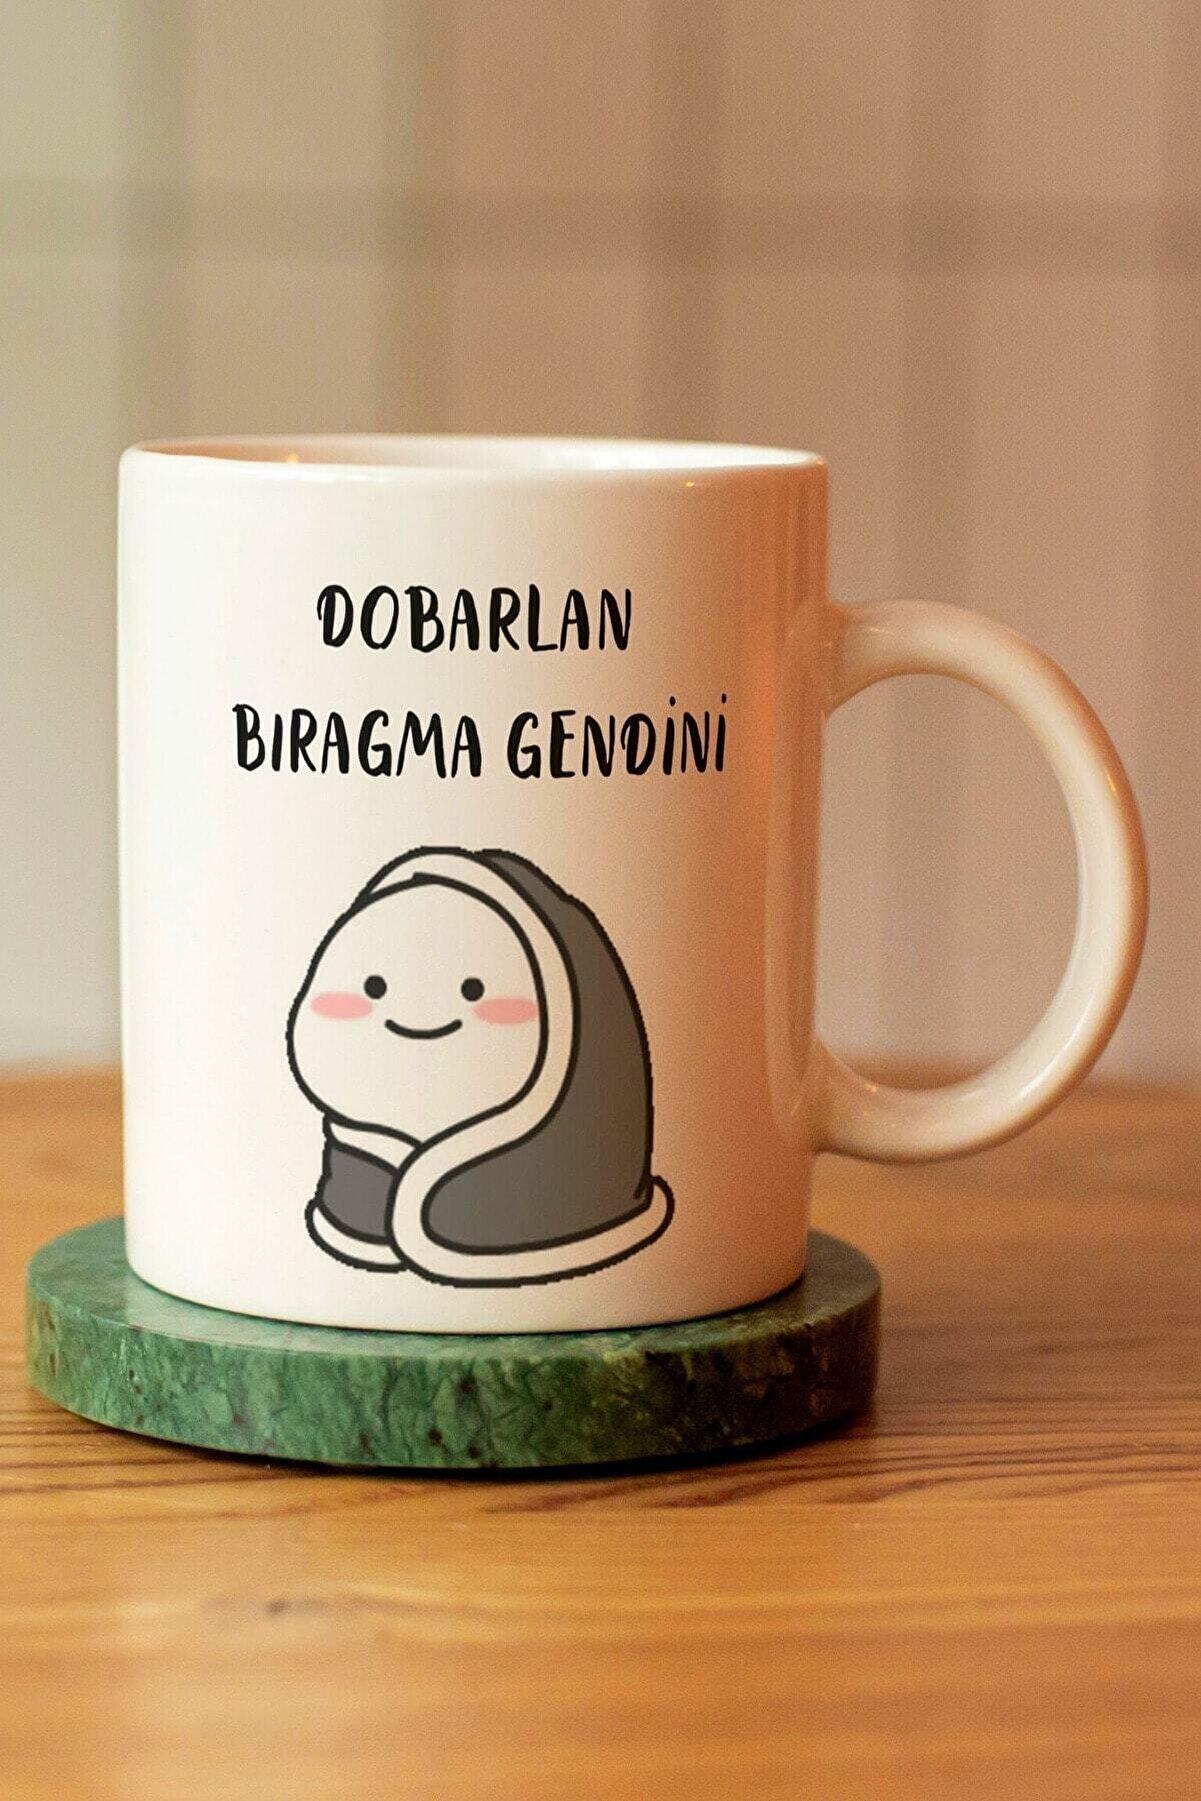 HEDİYE SETİNİZ Dobarlan Bıragma Gendini Baskılı Seramik Kahve Çay Kupası